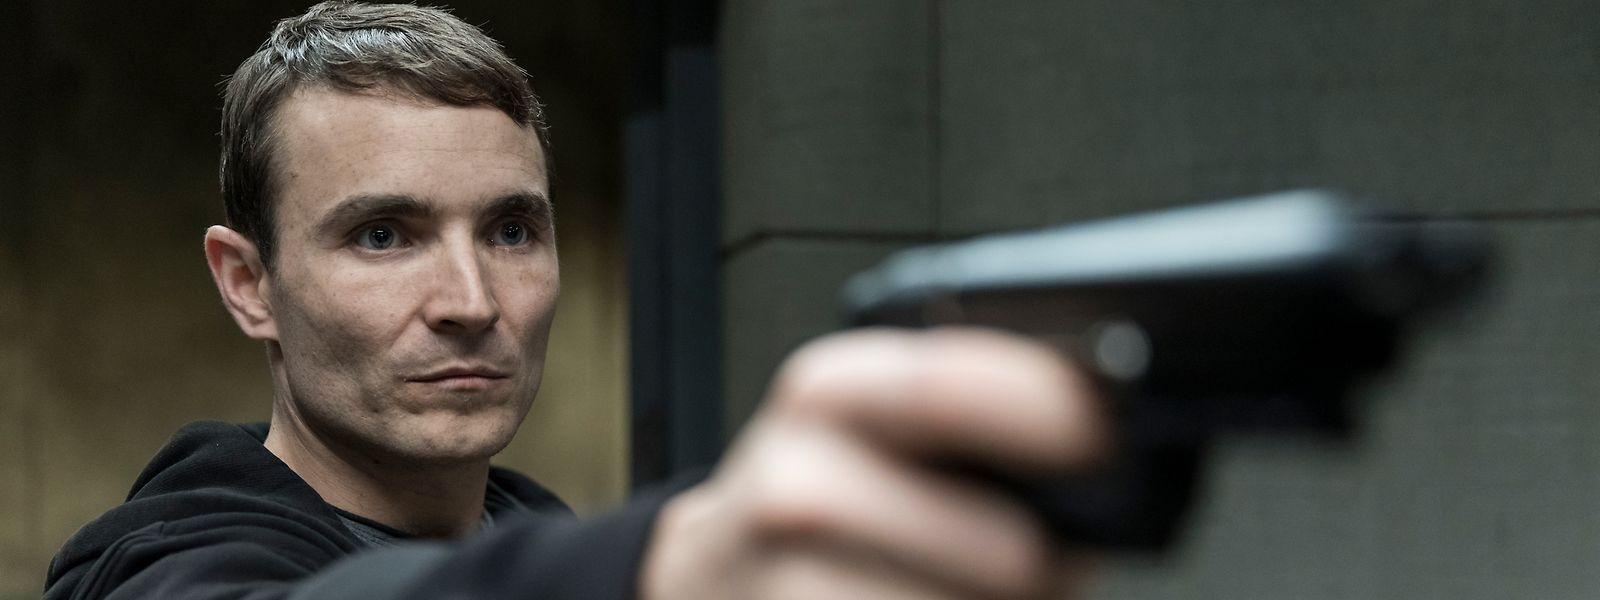 Der irische Schauspieler Martin McCann liefert als Umweltaktivist Jack de Long eine fesselnde schauspielerische Leistung ab.